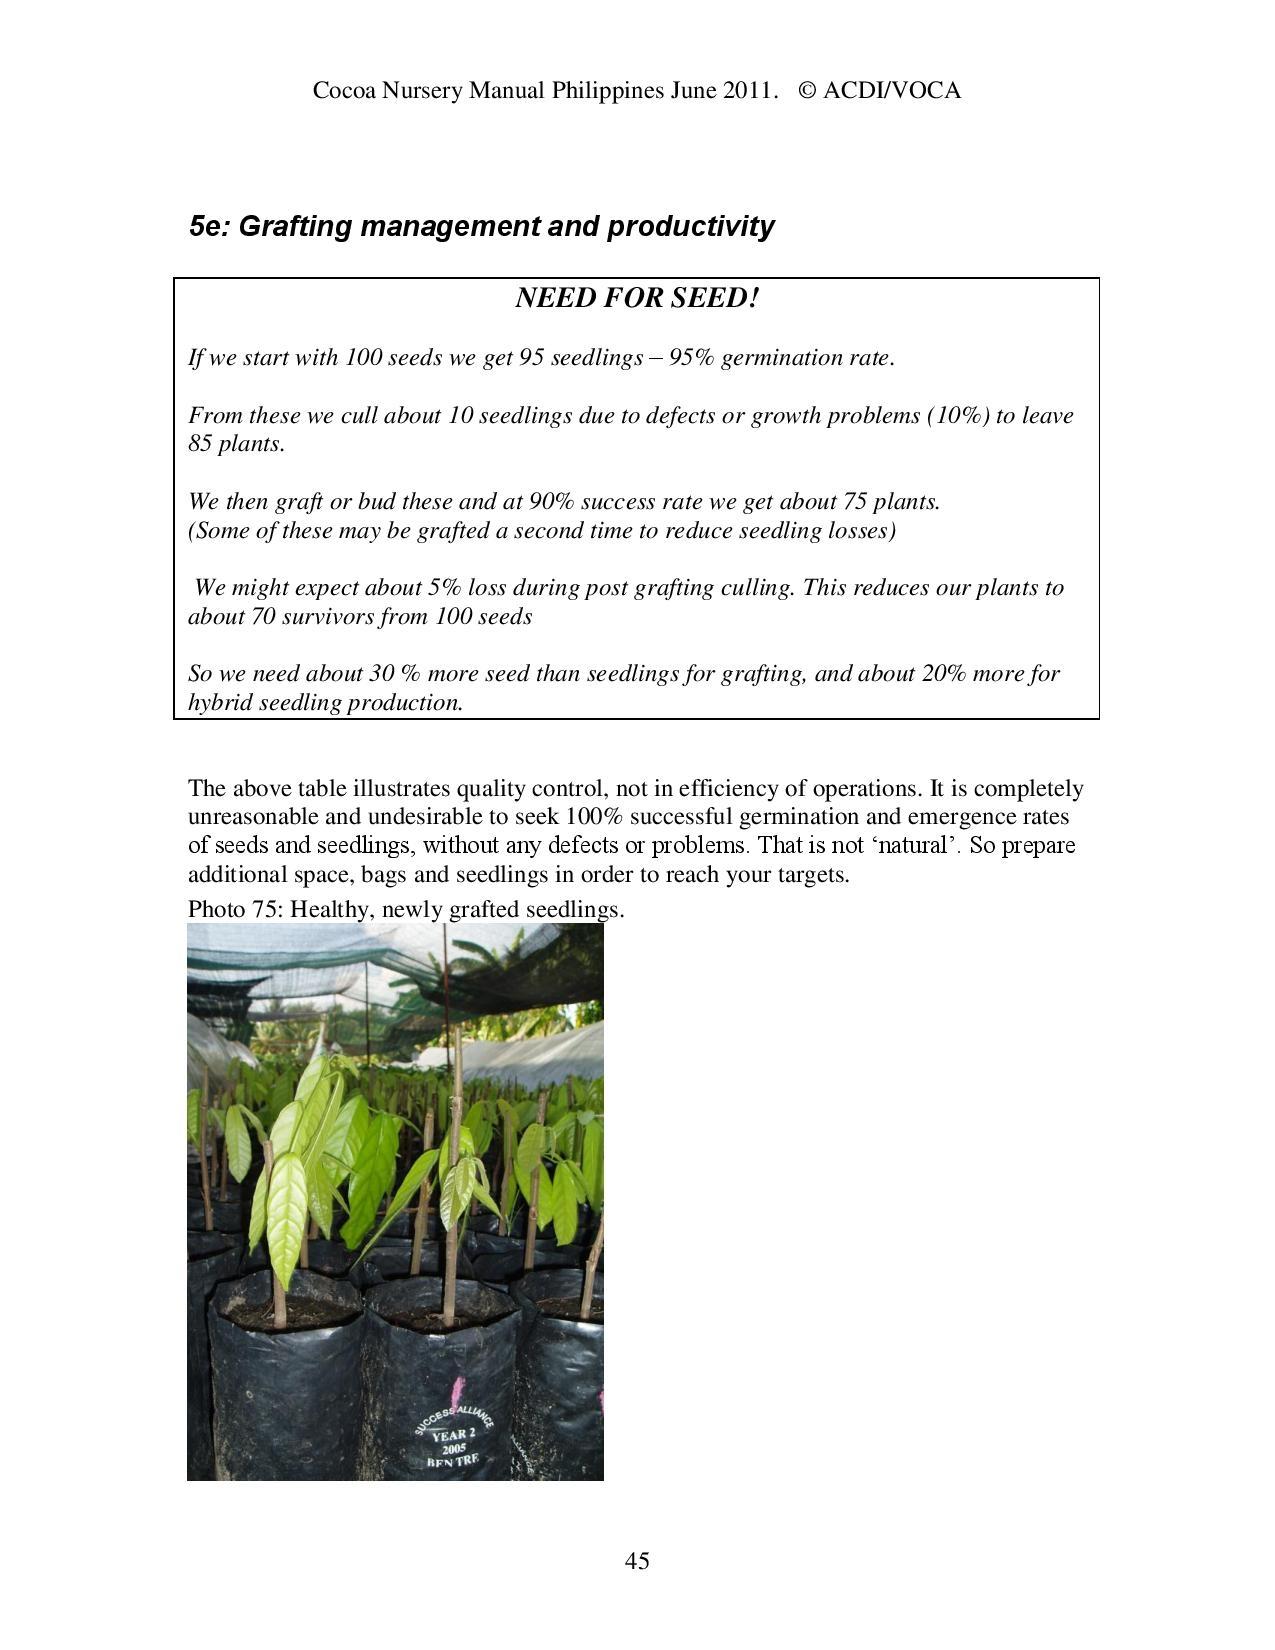 Cocoa-Nursery-Manual-2011_acdi-voca-page-045